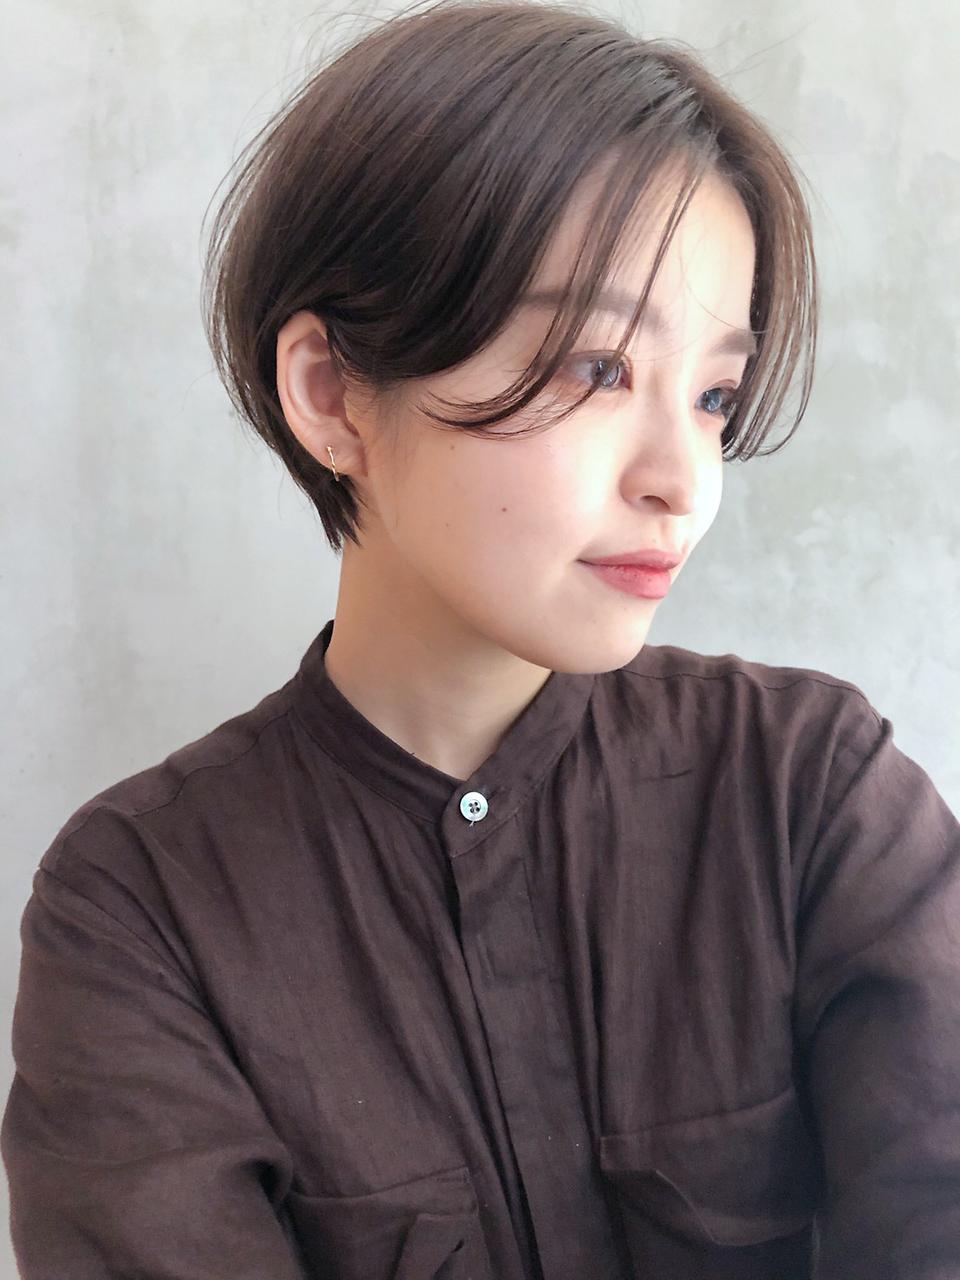 マッシュショート_かきあげロングマロンベージュ_8126